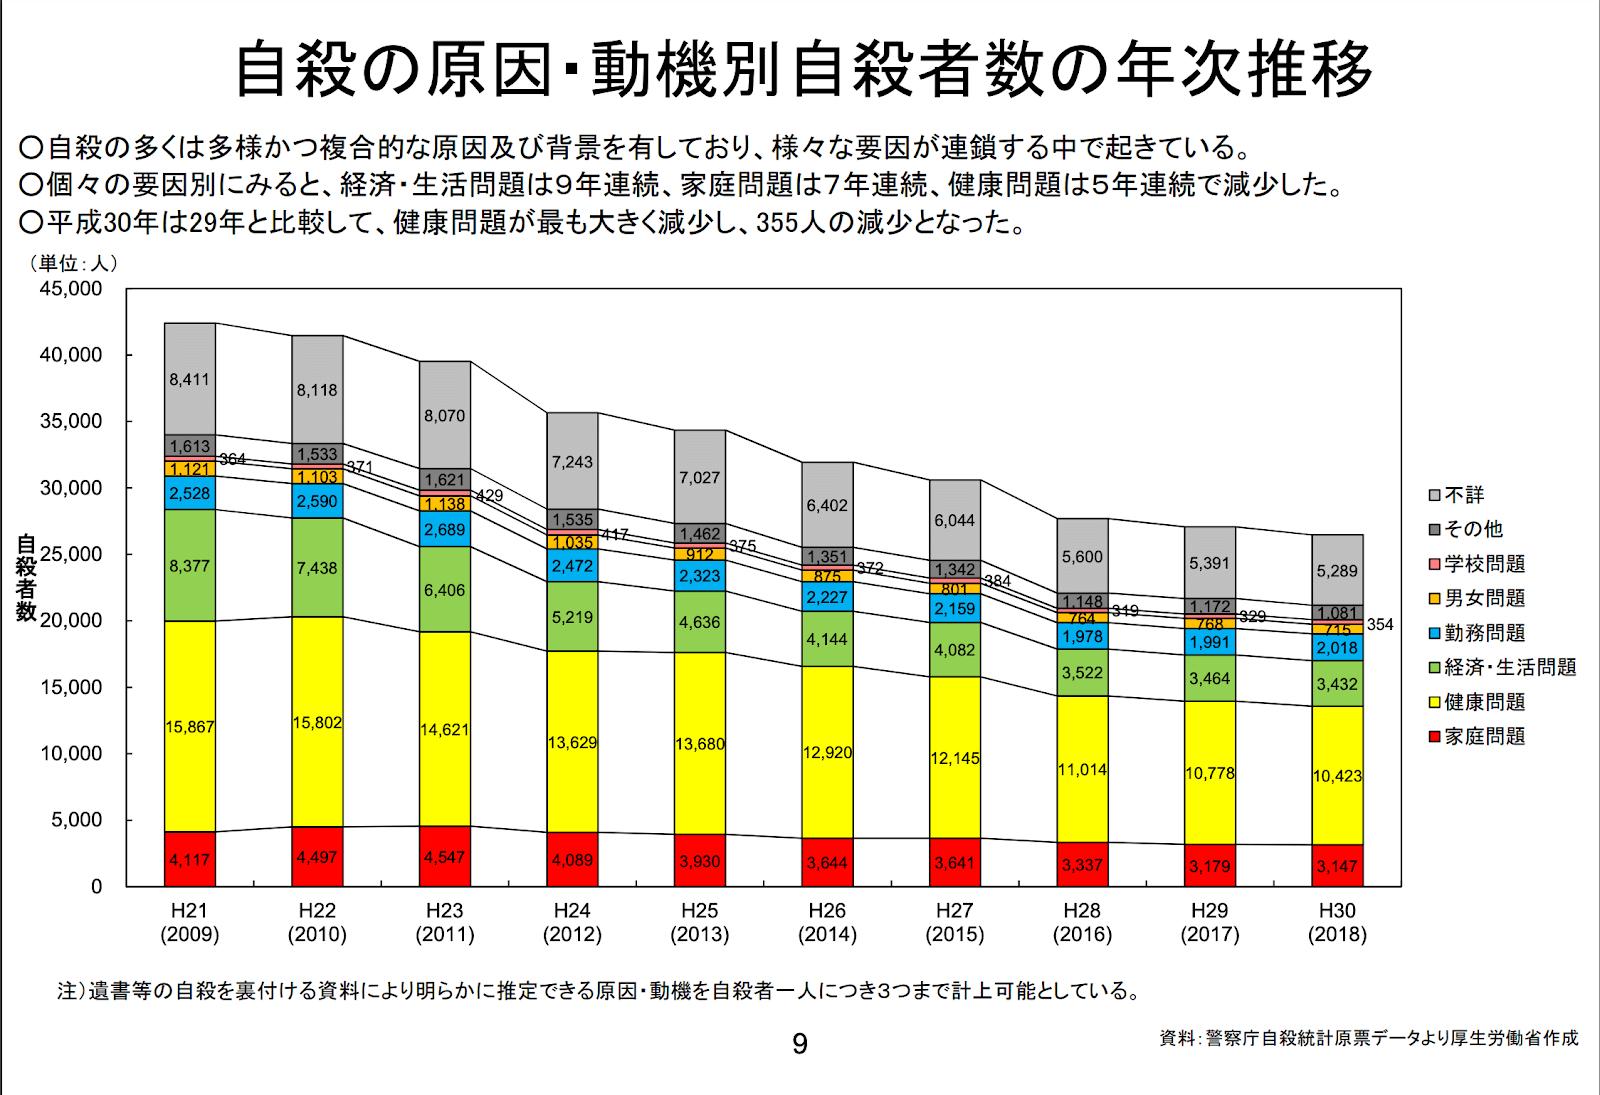 自殺の原因・動機別自殺者数の年次推移